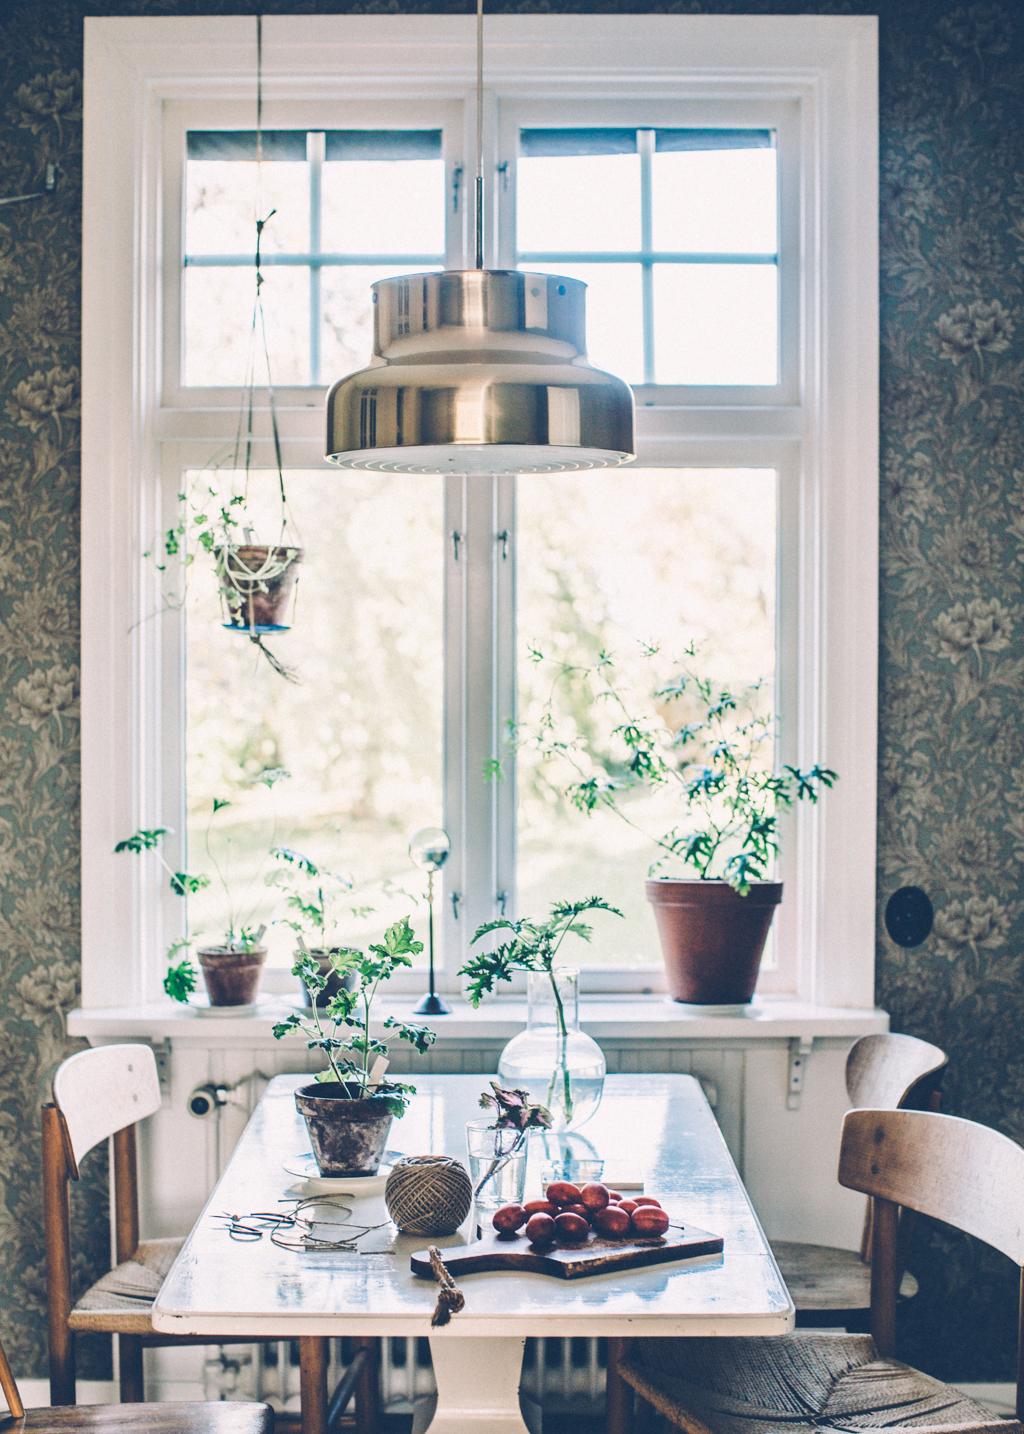 kitchen_Kristin_ lagerqvist-5105